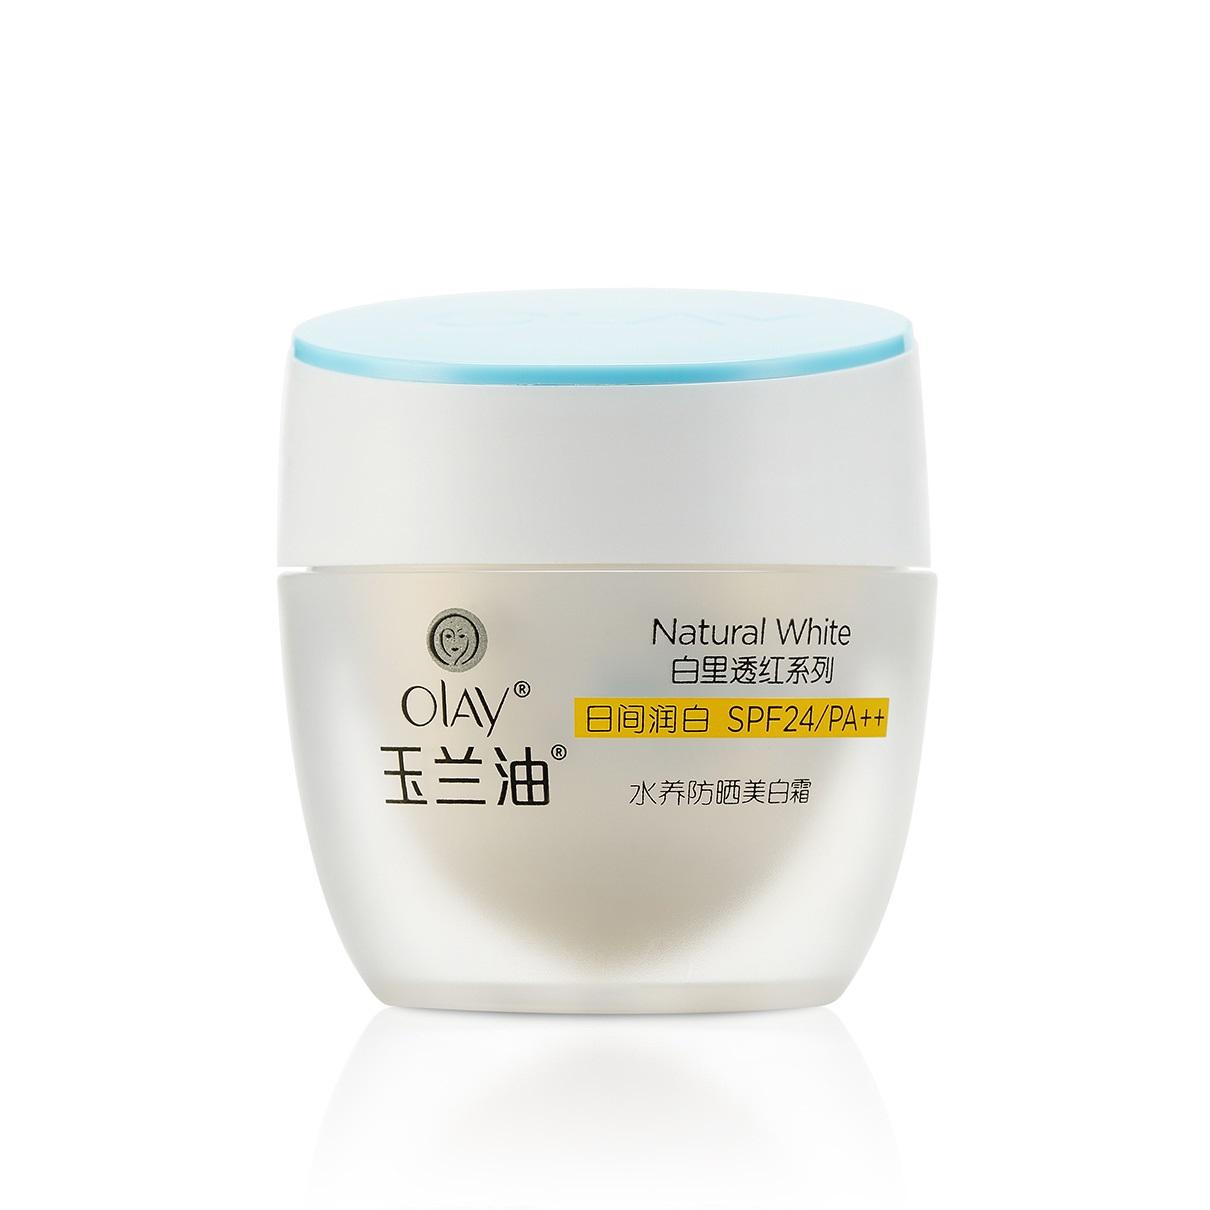 OLAY水养防晒美白霜 保湿+美白+防晒,肌肤白嫩水润